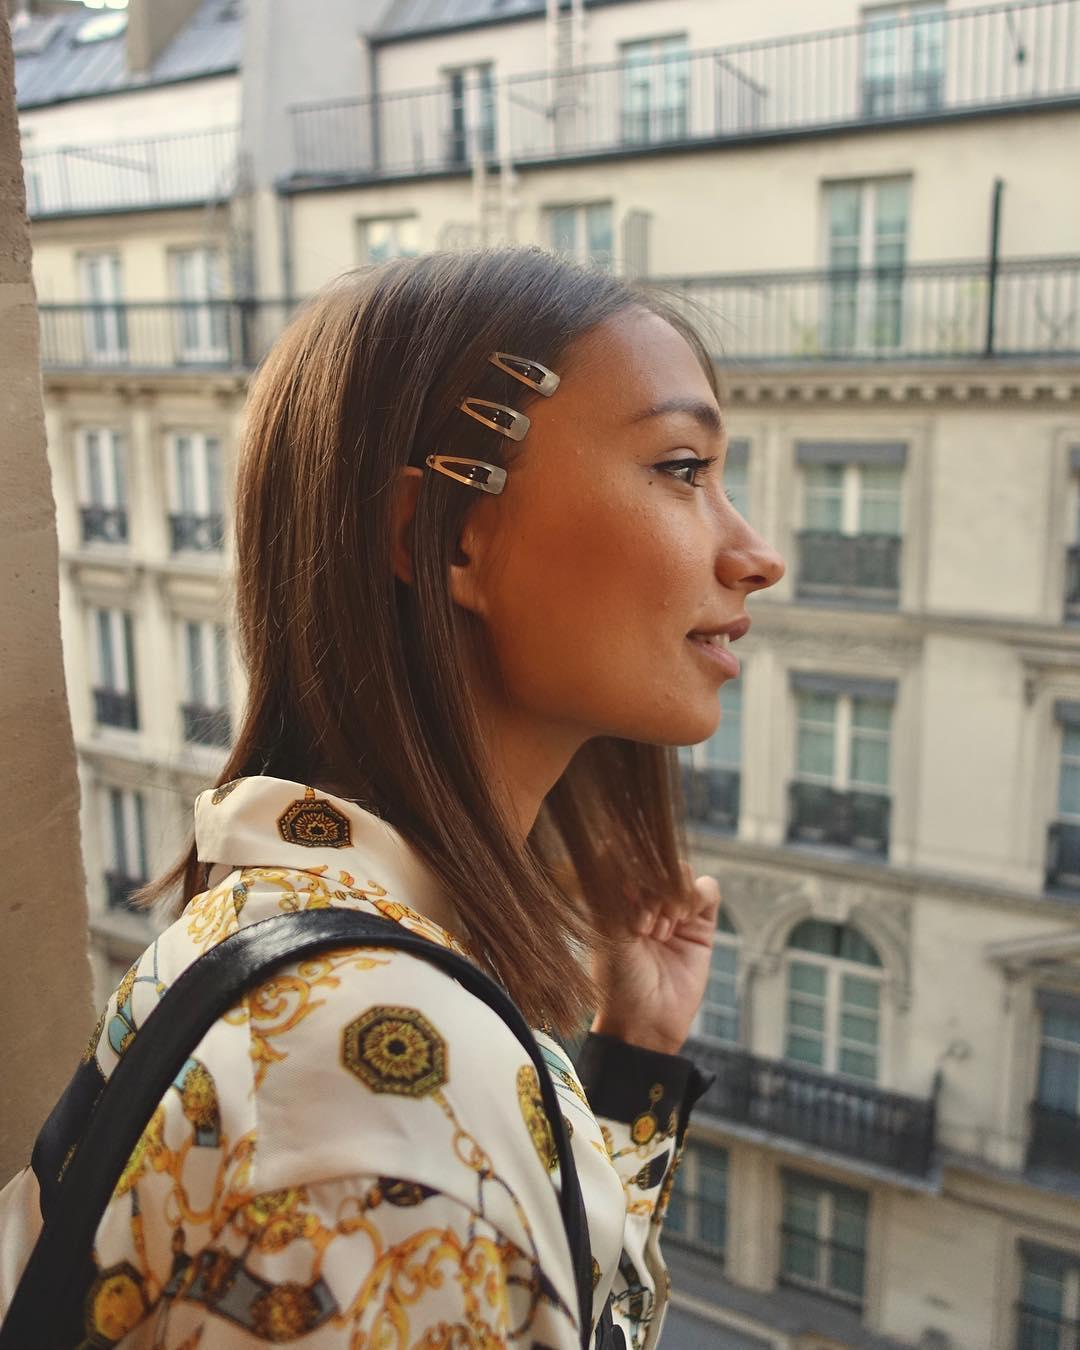 تسريحة الشعر المستقيم المزينة بالمشابك (الصورة من إنستقرام)